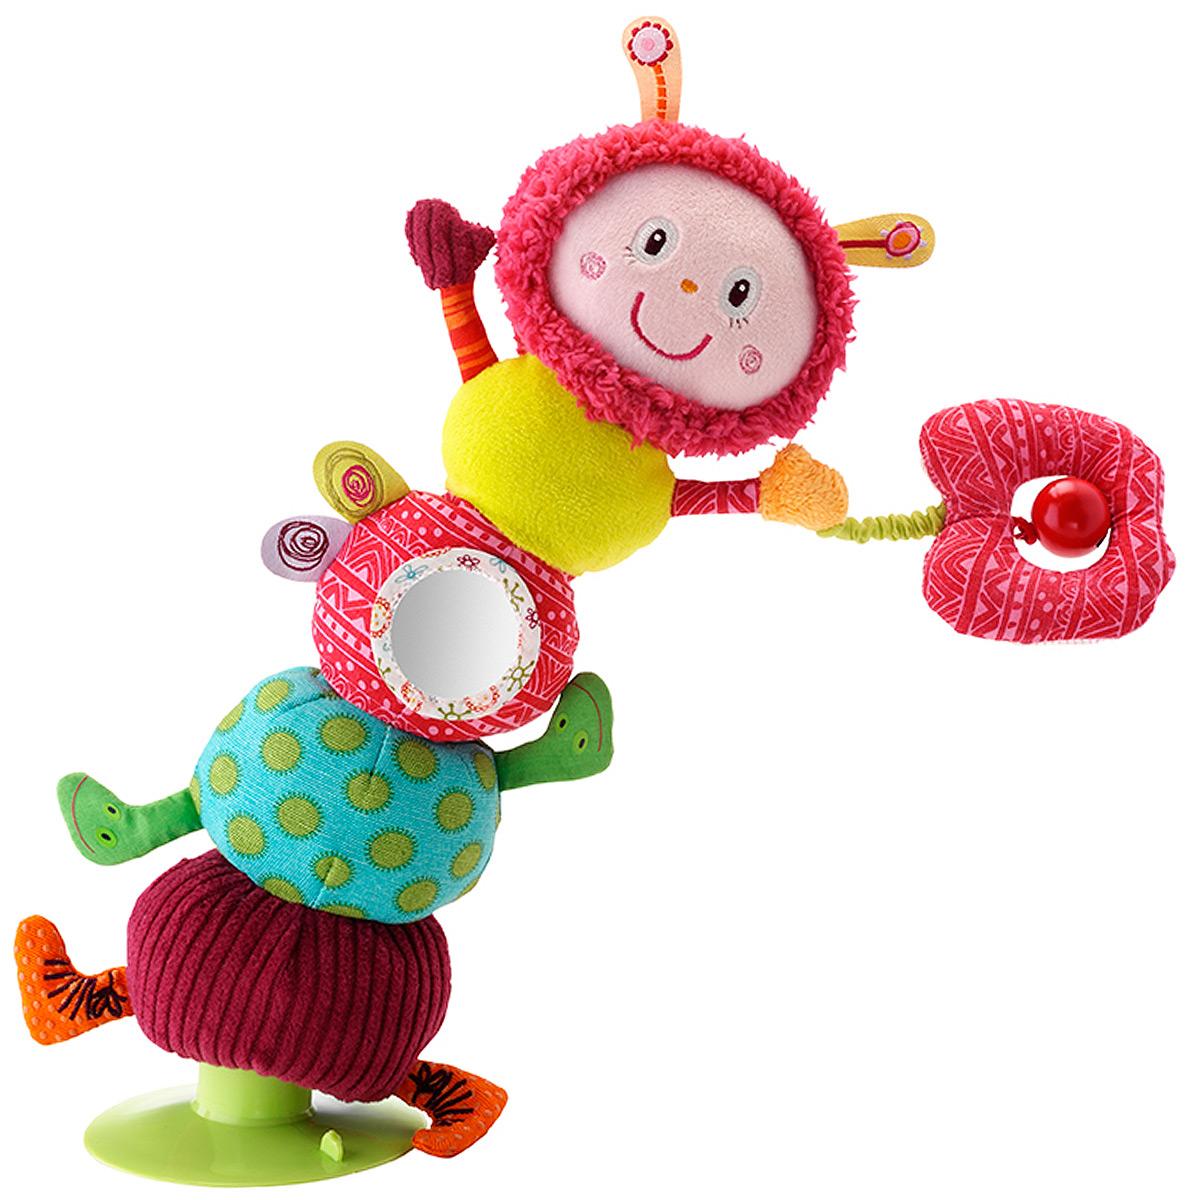 Развивающая игрушка Lilliputiens Гусеница Джульетта, на присоске86373Развивающая игрушка Lilliputiens Гусеница Джульетта привлечет внимание вашего малыша и не позволит ему скучать. Она выполнена из текстильного материала разных цветов и фактур в виде очаровательной гусеницы. В головке спрятана пищалка; тельце состоит из четырех секторов. На одной из них расположено безопасное мягкое зеркальце. К одной из передних лапках на резинку крепится шуршащее колечко с отверстием с металлическим колокольчиком. Благодаря присоске гусеницу можно закрепить на любой ровной поверхности. Ребенок сможет наклонять ее в любую сторону, после чего она вновь будет возвращаться в исходное положение. Игрушка Lilliputiens Гусеница Джульетта поможет ребенку развить цветовое и звуковое восприятие, тактильные ощущения, мелкую моторику рук и эмоциональное восприятие.